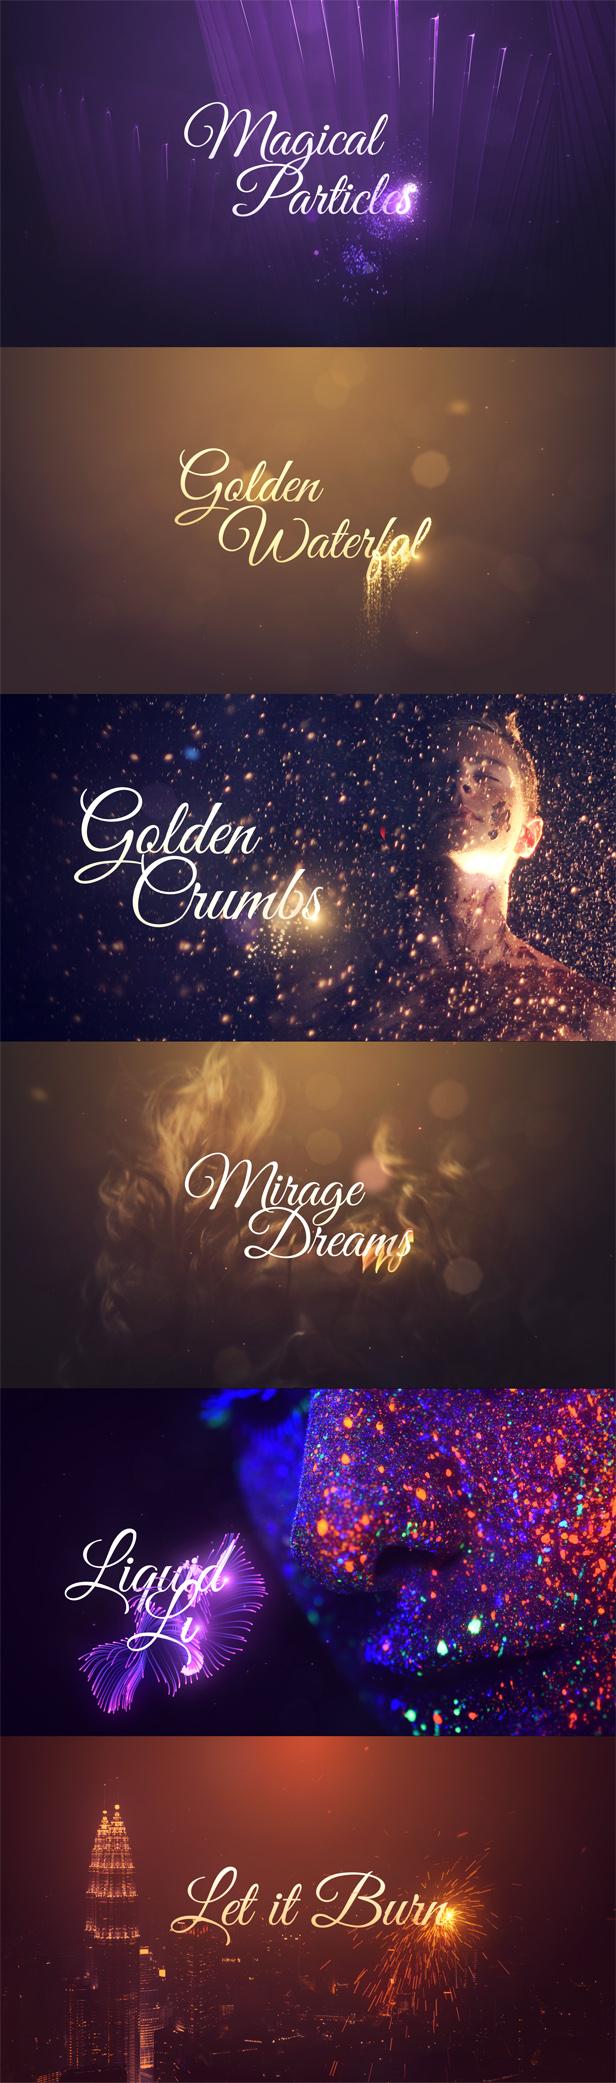 Magical Titles - 9